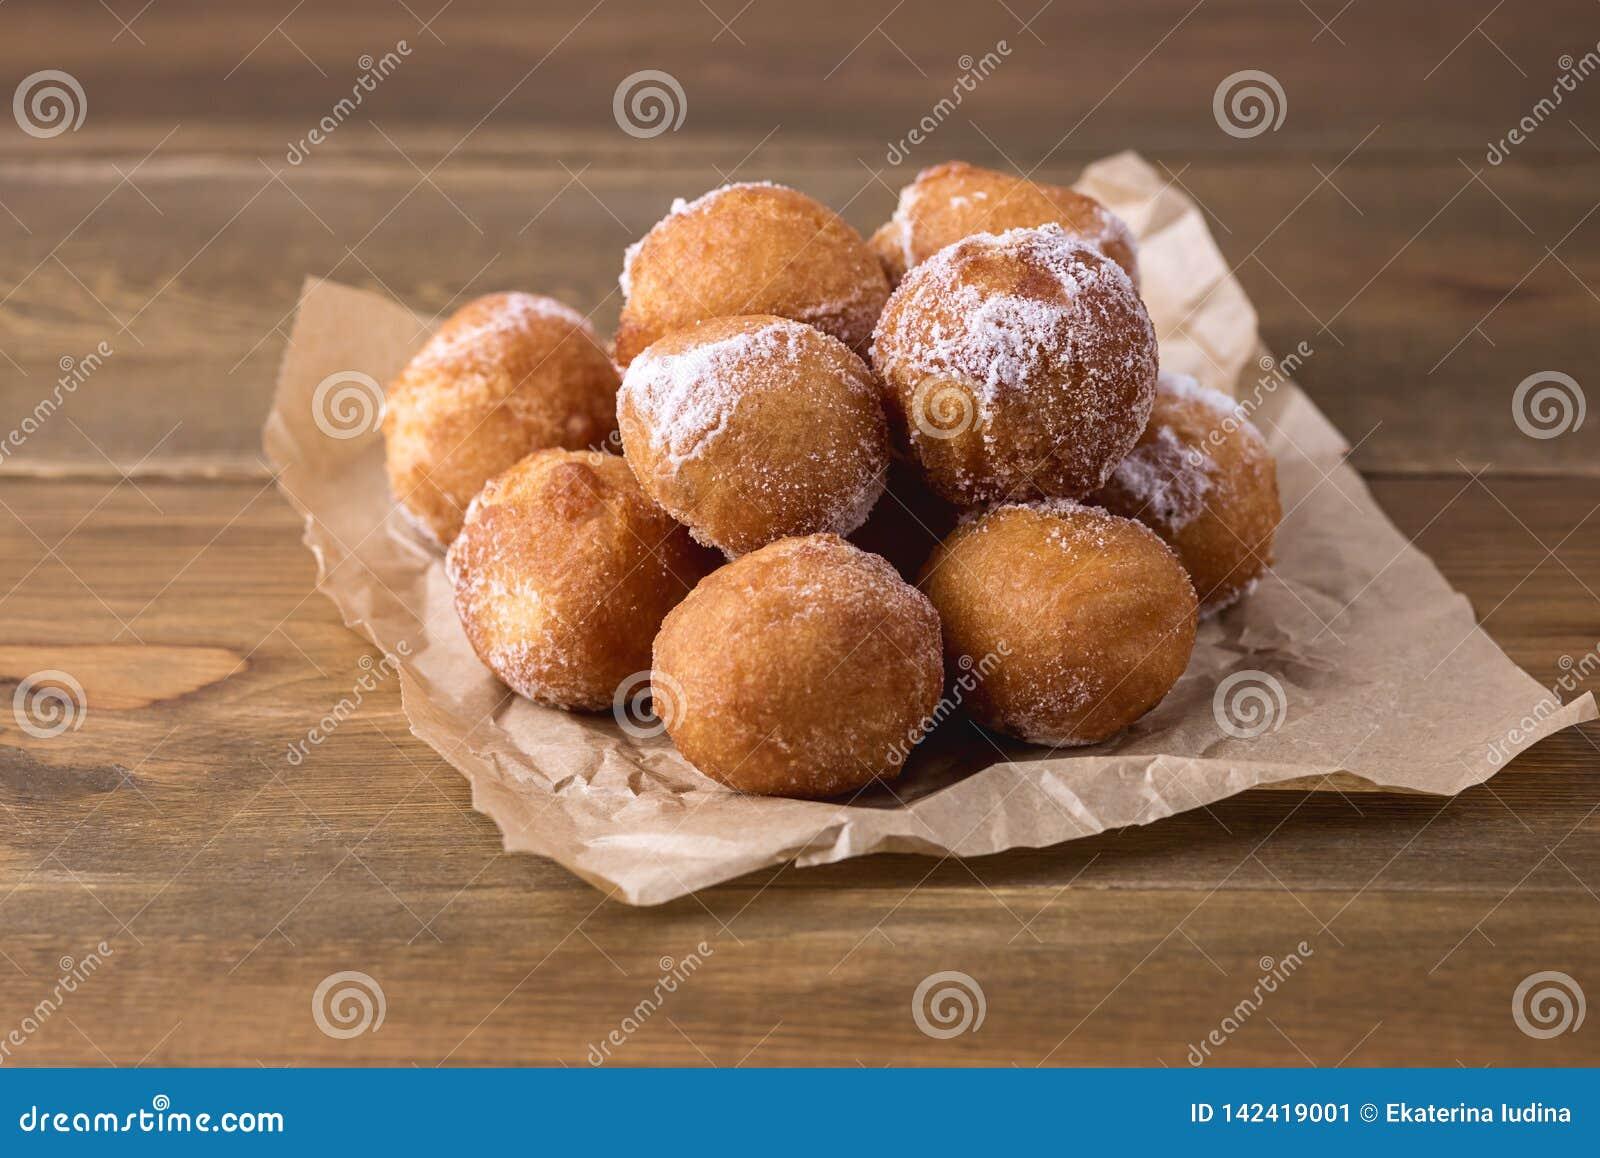 Anéis de espuma caseiros saborosos do requeijão no espaço da cópia de Sugar Powder Wooden Background Donuts horizontal